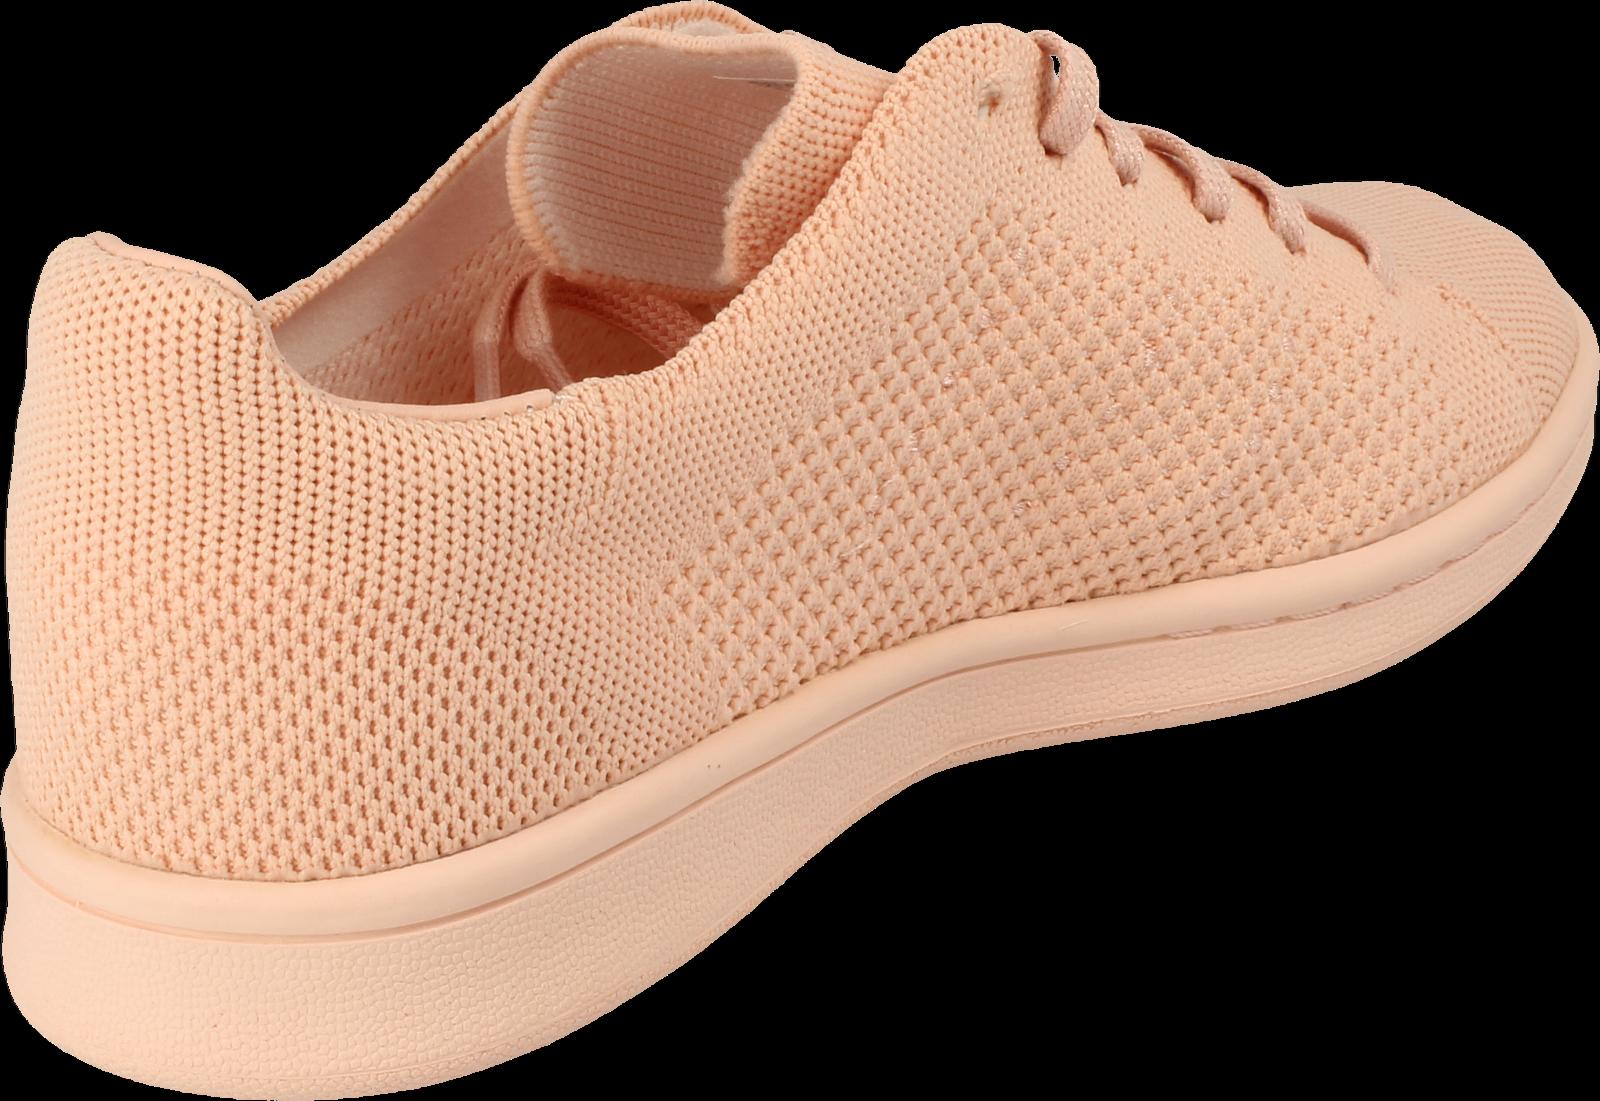 Adidas Originali Stan Smith Smith Smith Og Pezzi Primeknit S82157 Scarpe da Tennis | Qualità E Quantità Assicurata  | Scolaro/Signora Scarpa  16effb